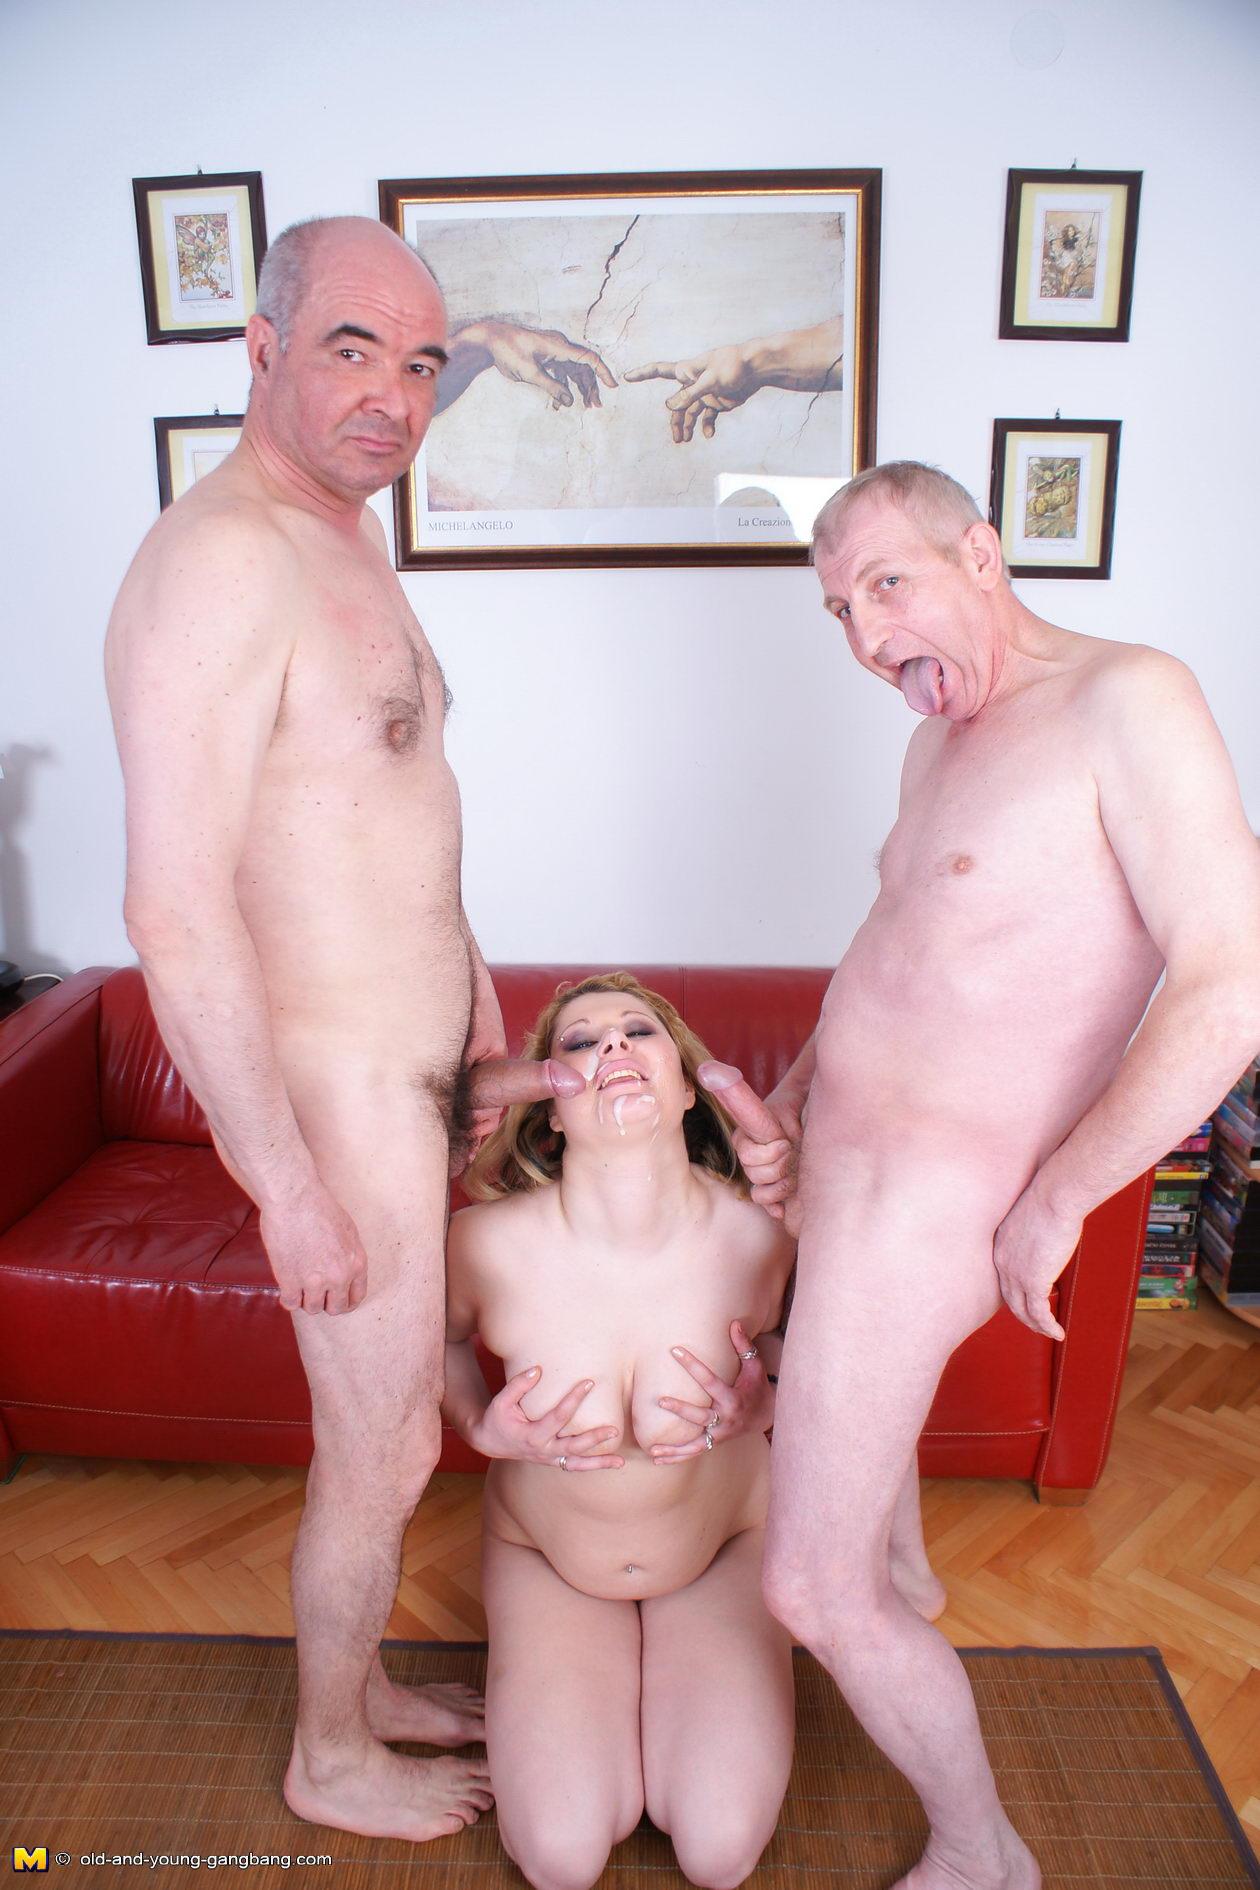 Секс старых дедов с телочками фото 20 фотография